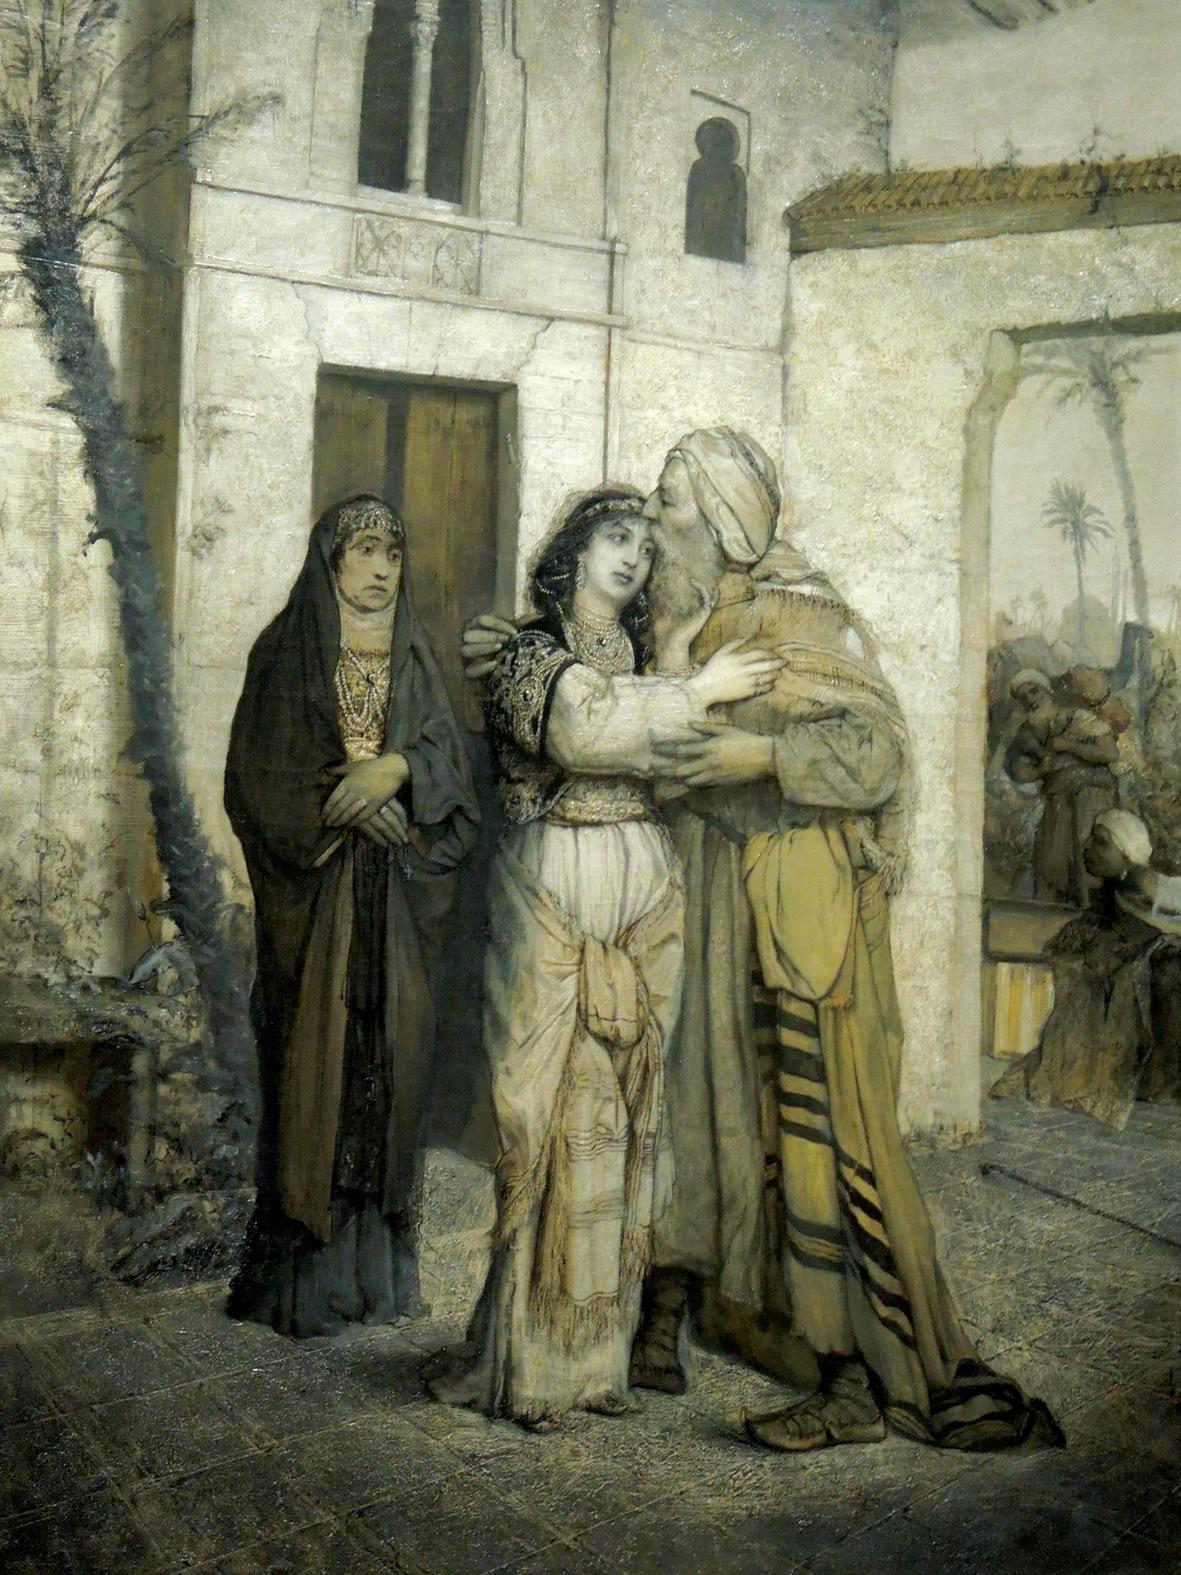 ׳נתן החכם׳, ציורו של מאוריצי גוטליב מ־1877, מבטא את הערצתו של הצייר היהודי החשוב למחזאי הגרמני הדגול ואת הזדהותו עם הרעיון לחבר בין יהודים לנוצרים